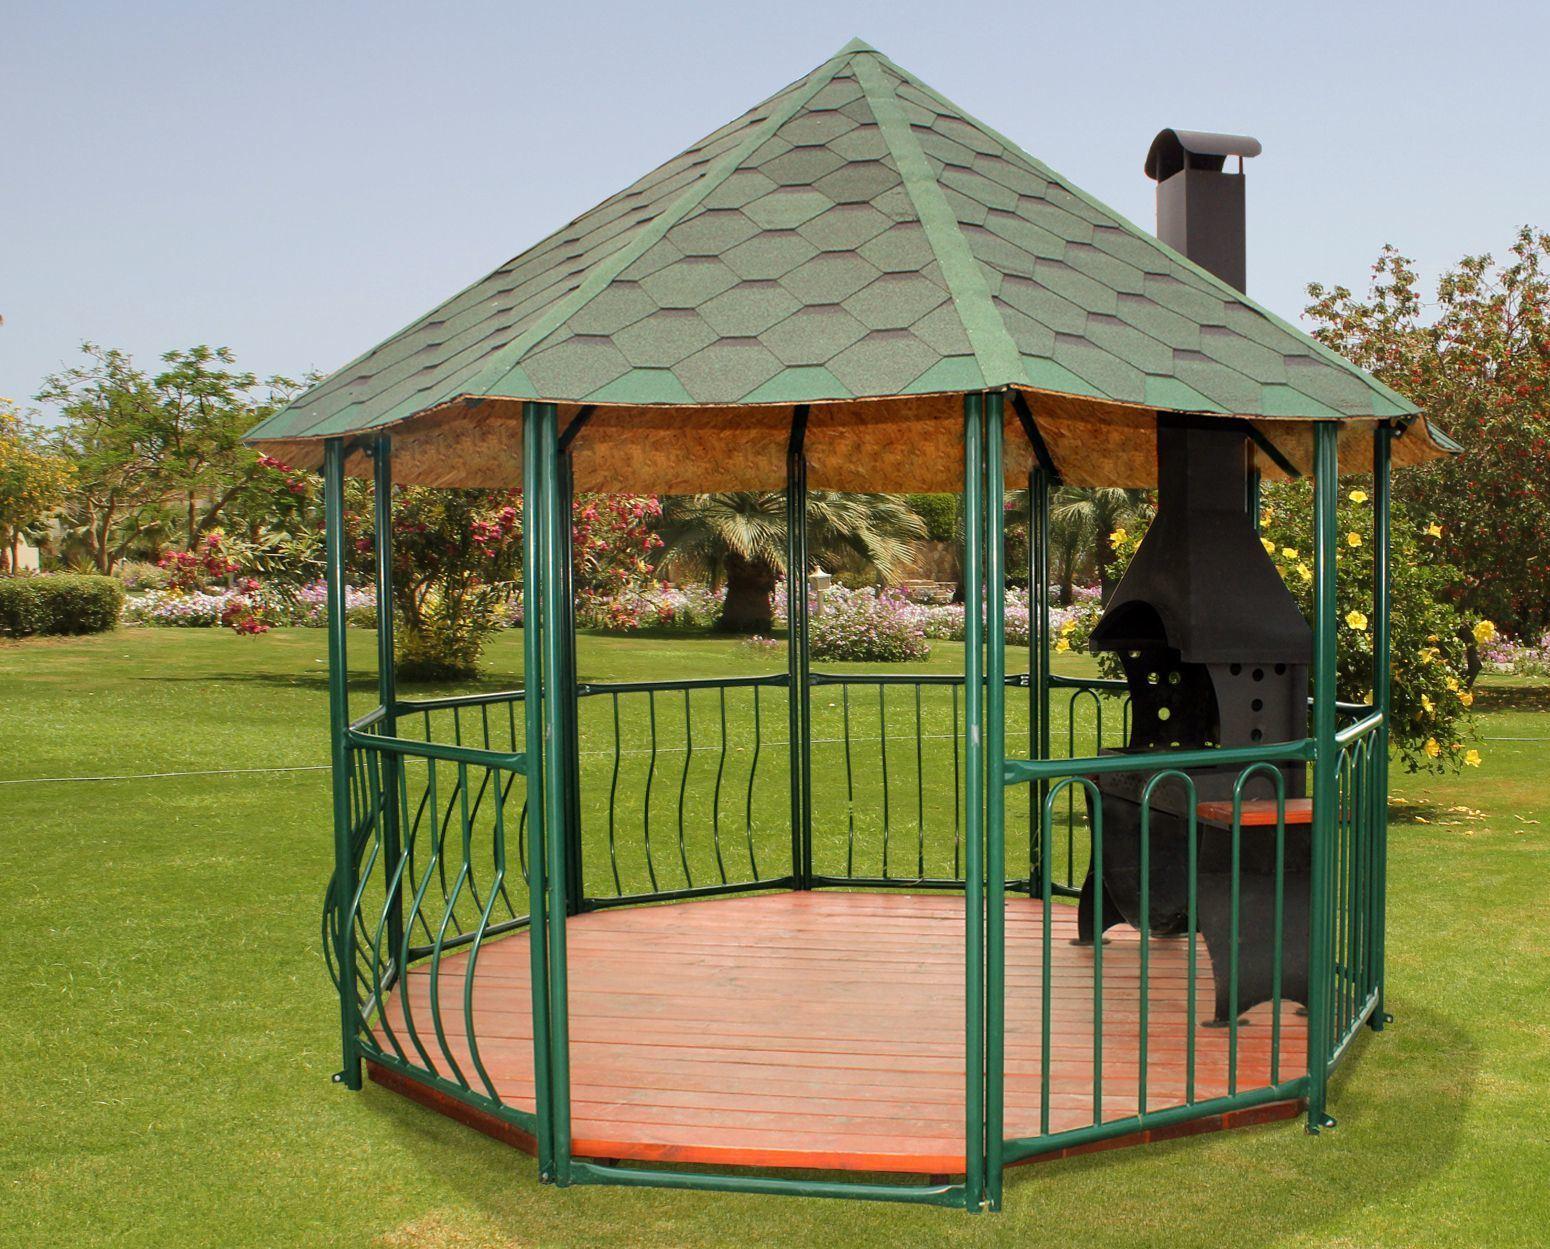 Садовая беседка с мангалом фото